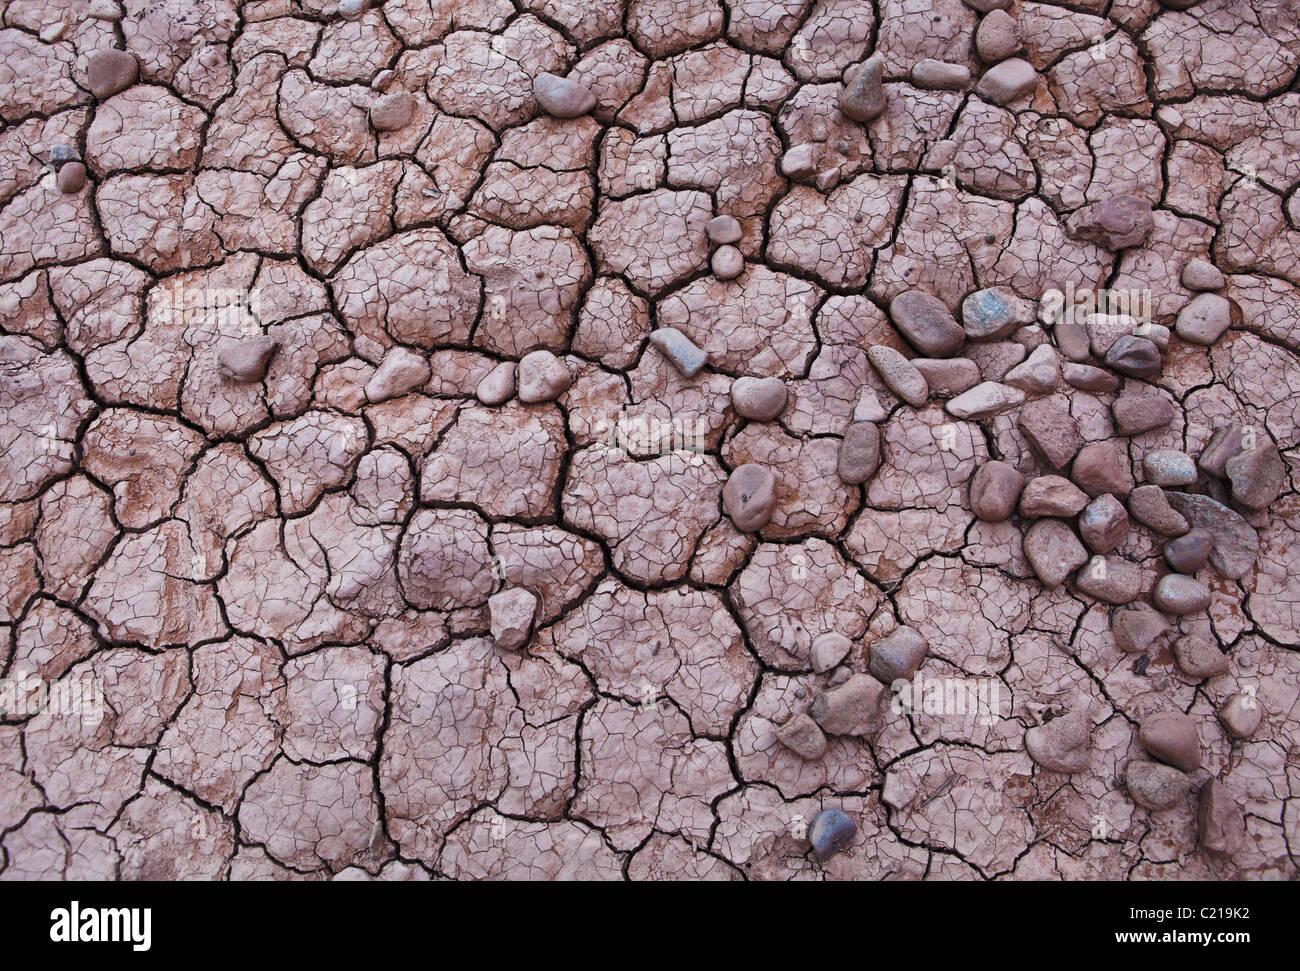 Incrinato il fango e ciottoli in Arches National Park, Utah, Stati Uniti d'America. Immagini Stock